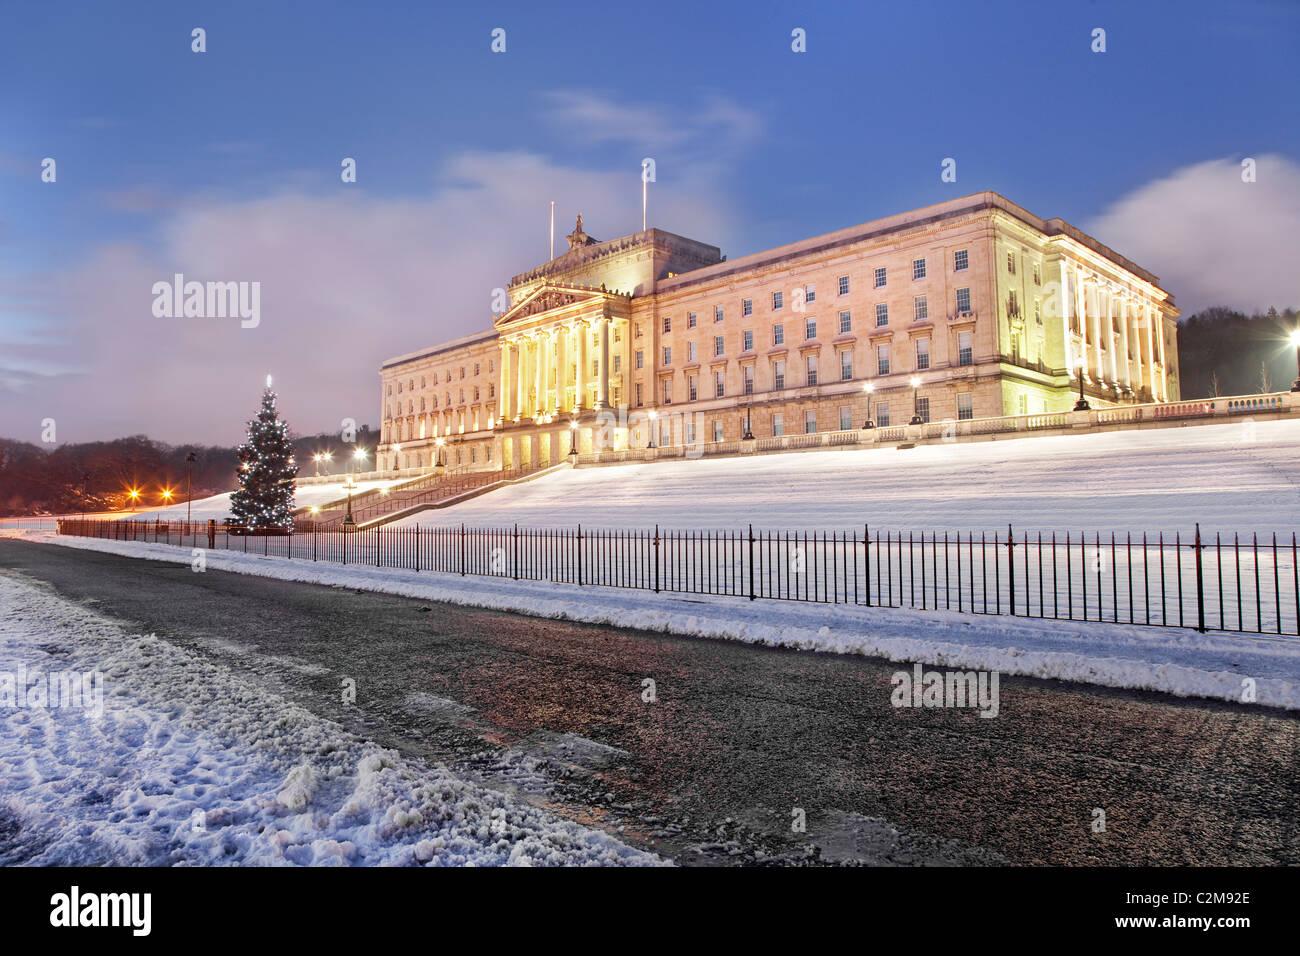 Stormont parliament buildings in Belfast, Northern Ireland. - Stock Image